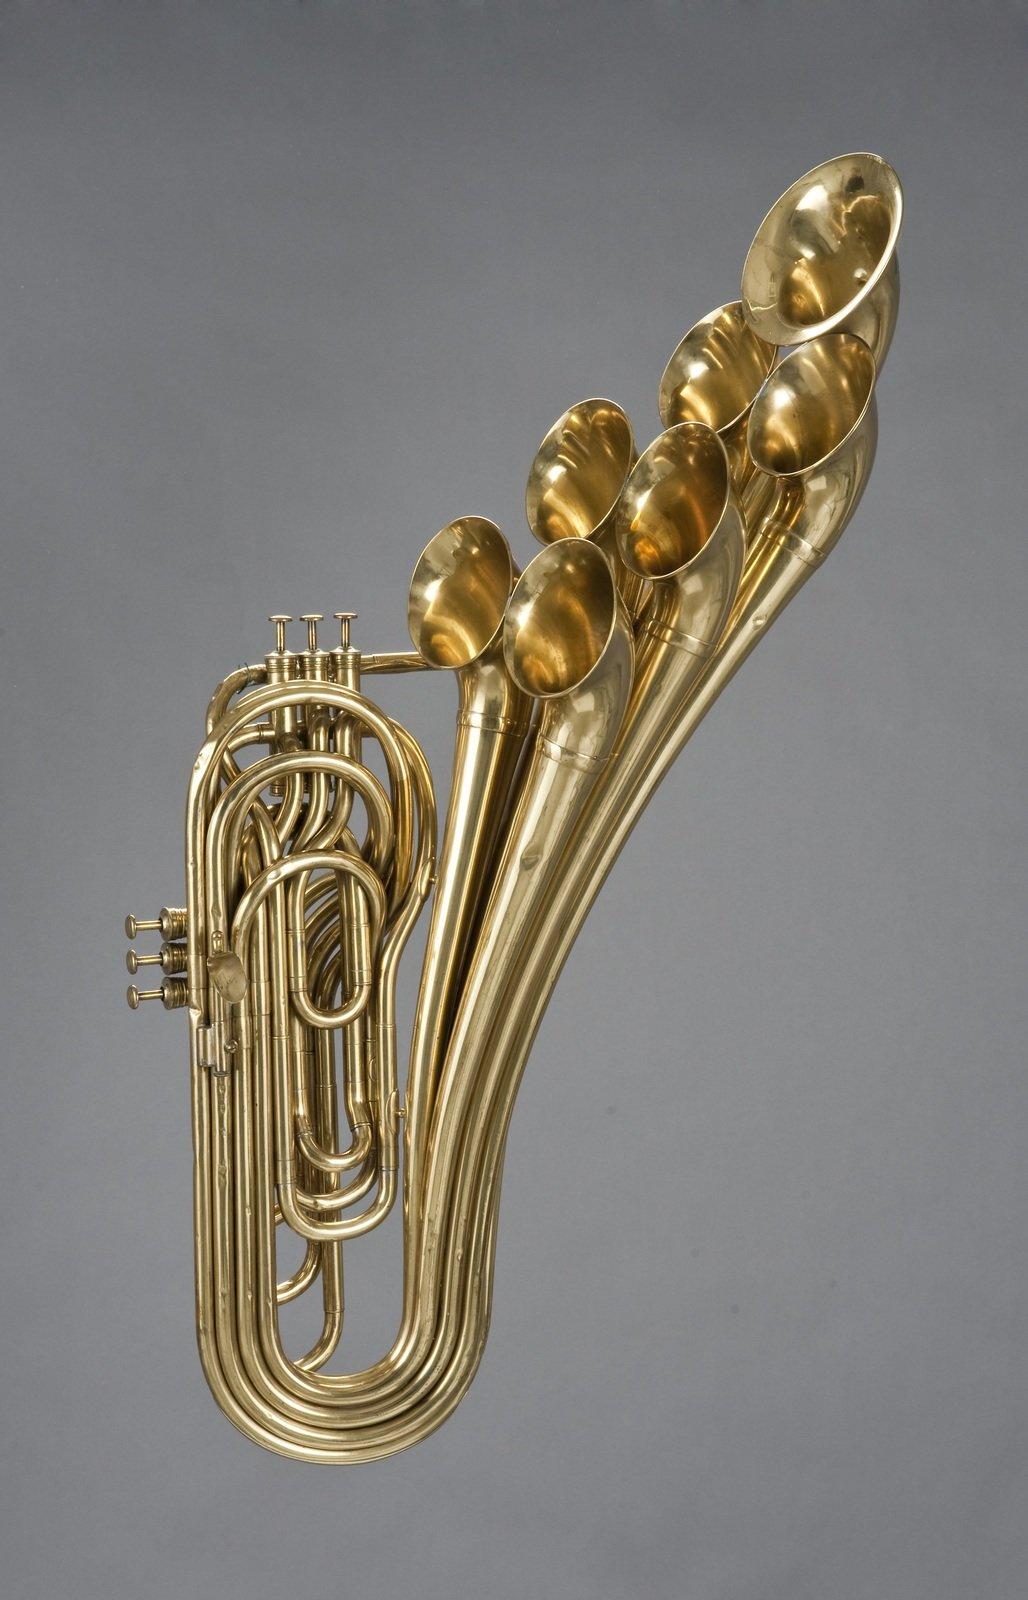 Trombone à pistons_Sax.jpeg